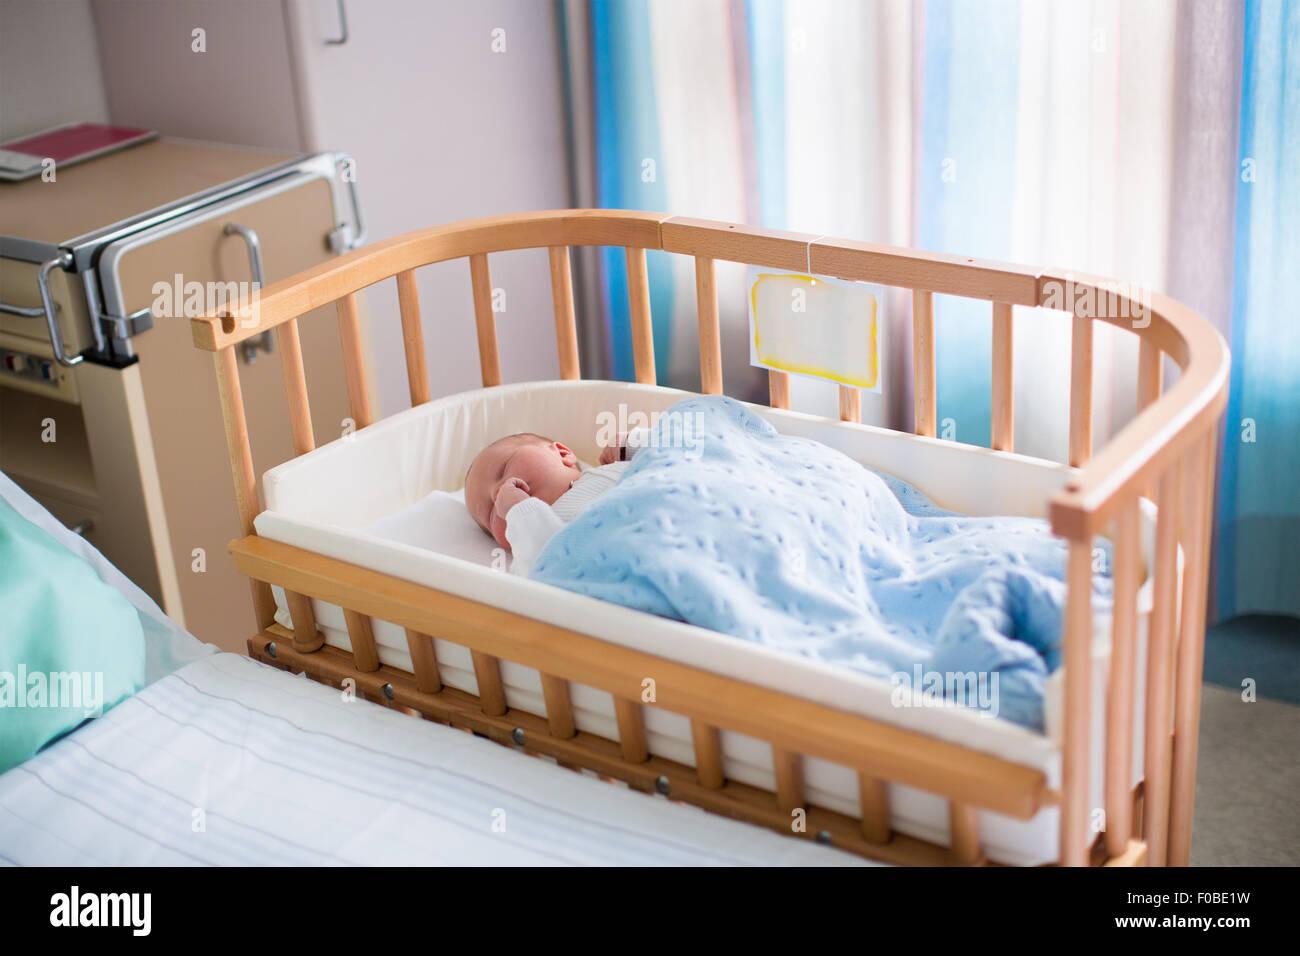 b b nouveau n gar on au lit nouveau n dort sous une. Black Bedroom Furniture Sets. Home Design Ideas